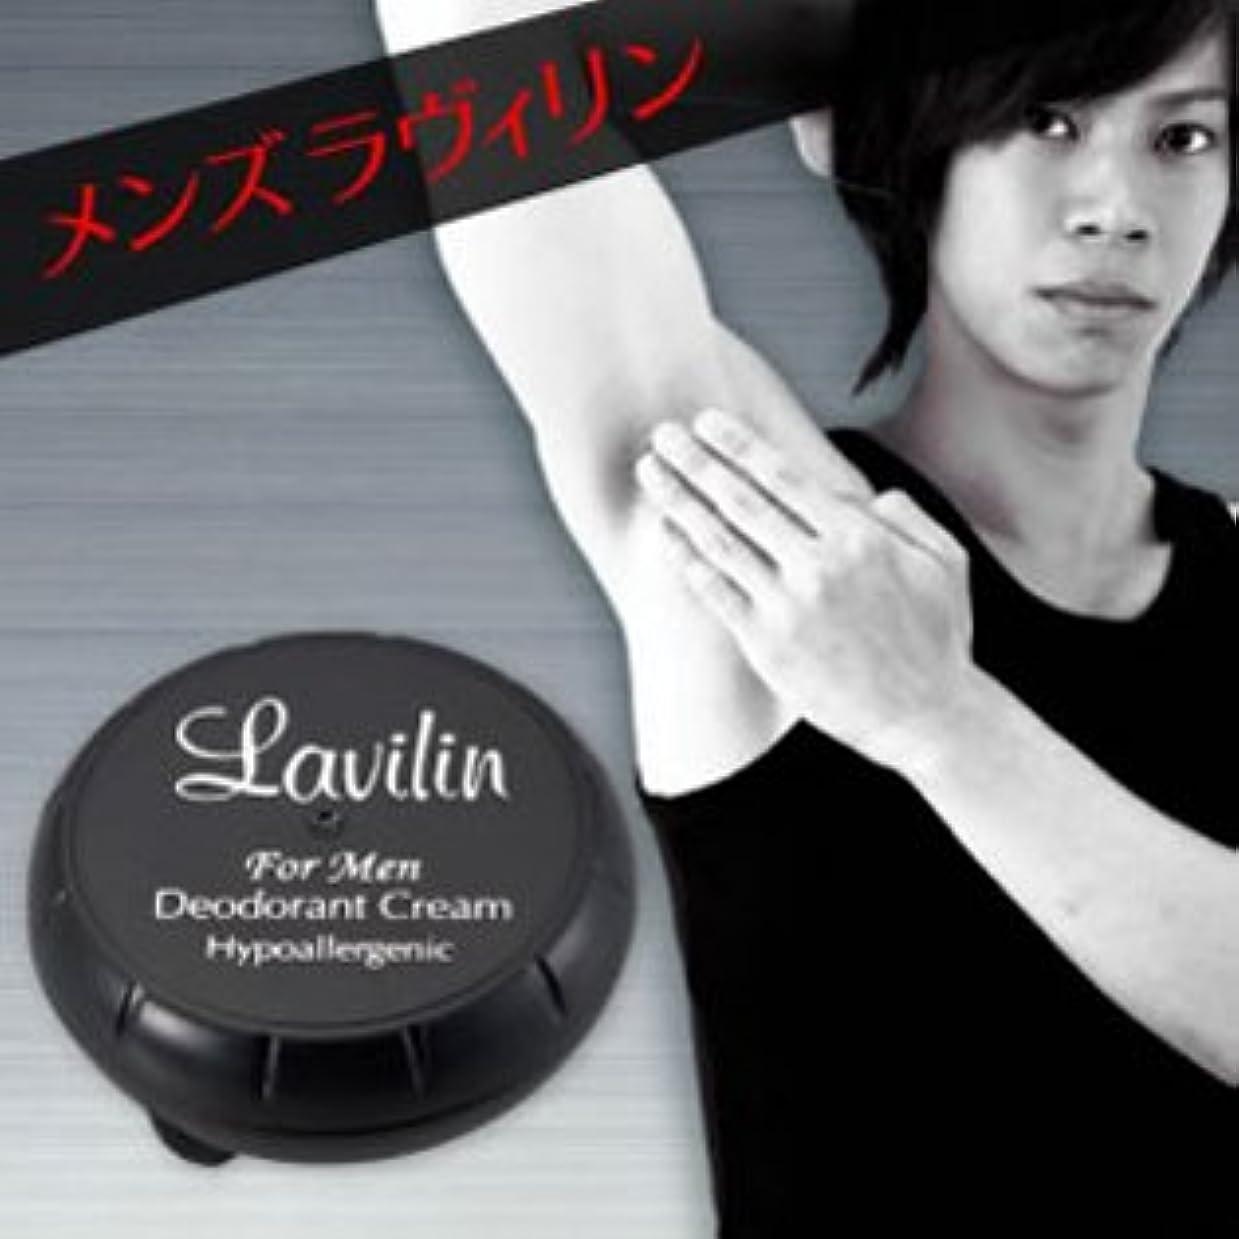 達成するキルス承認ラヴィリン フォーメン アンダーアーム(男性用ワキガ、汗臭対策消臭クリーム)医薬部外品